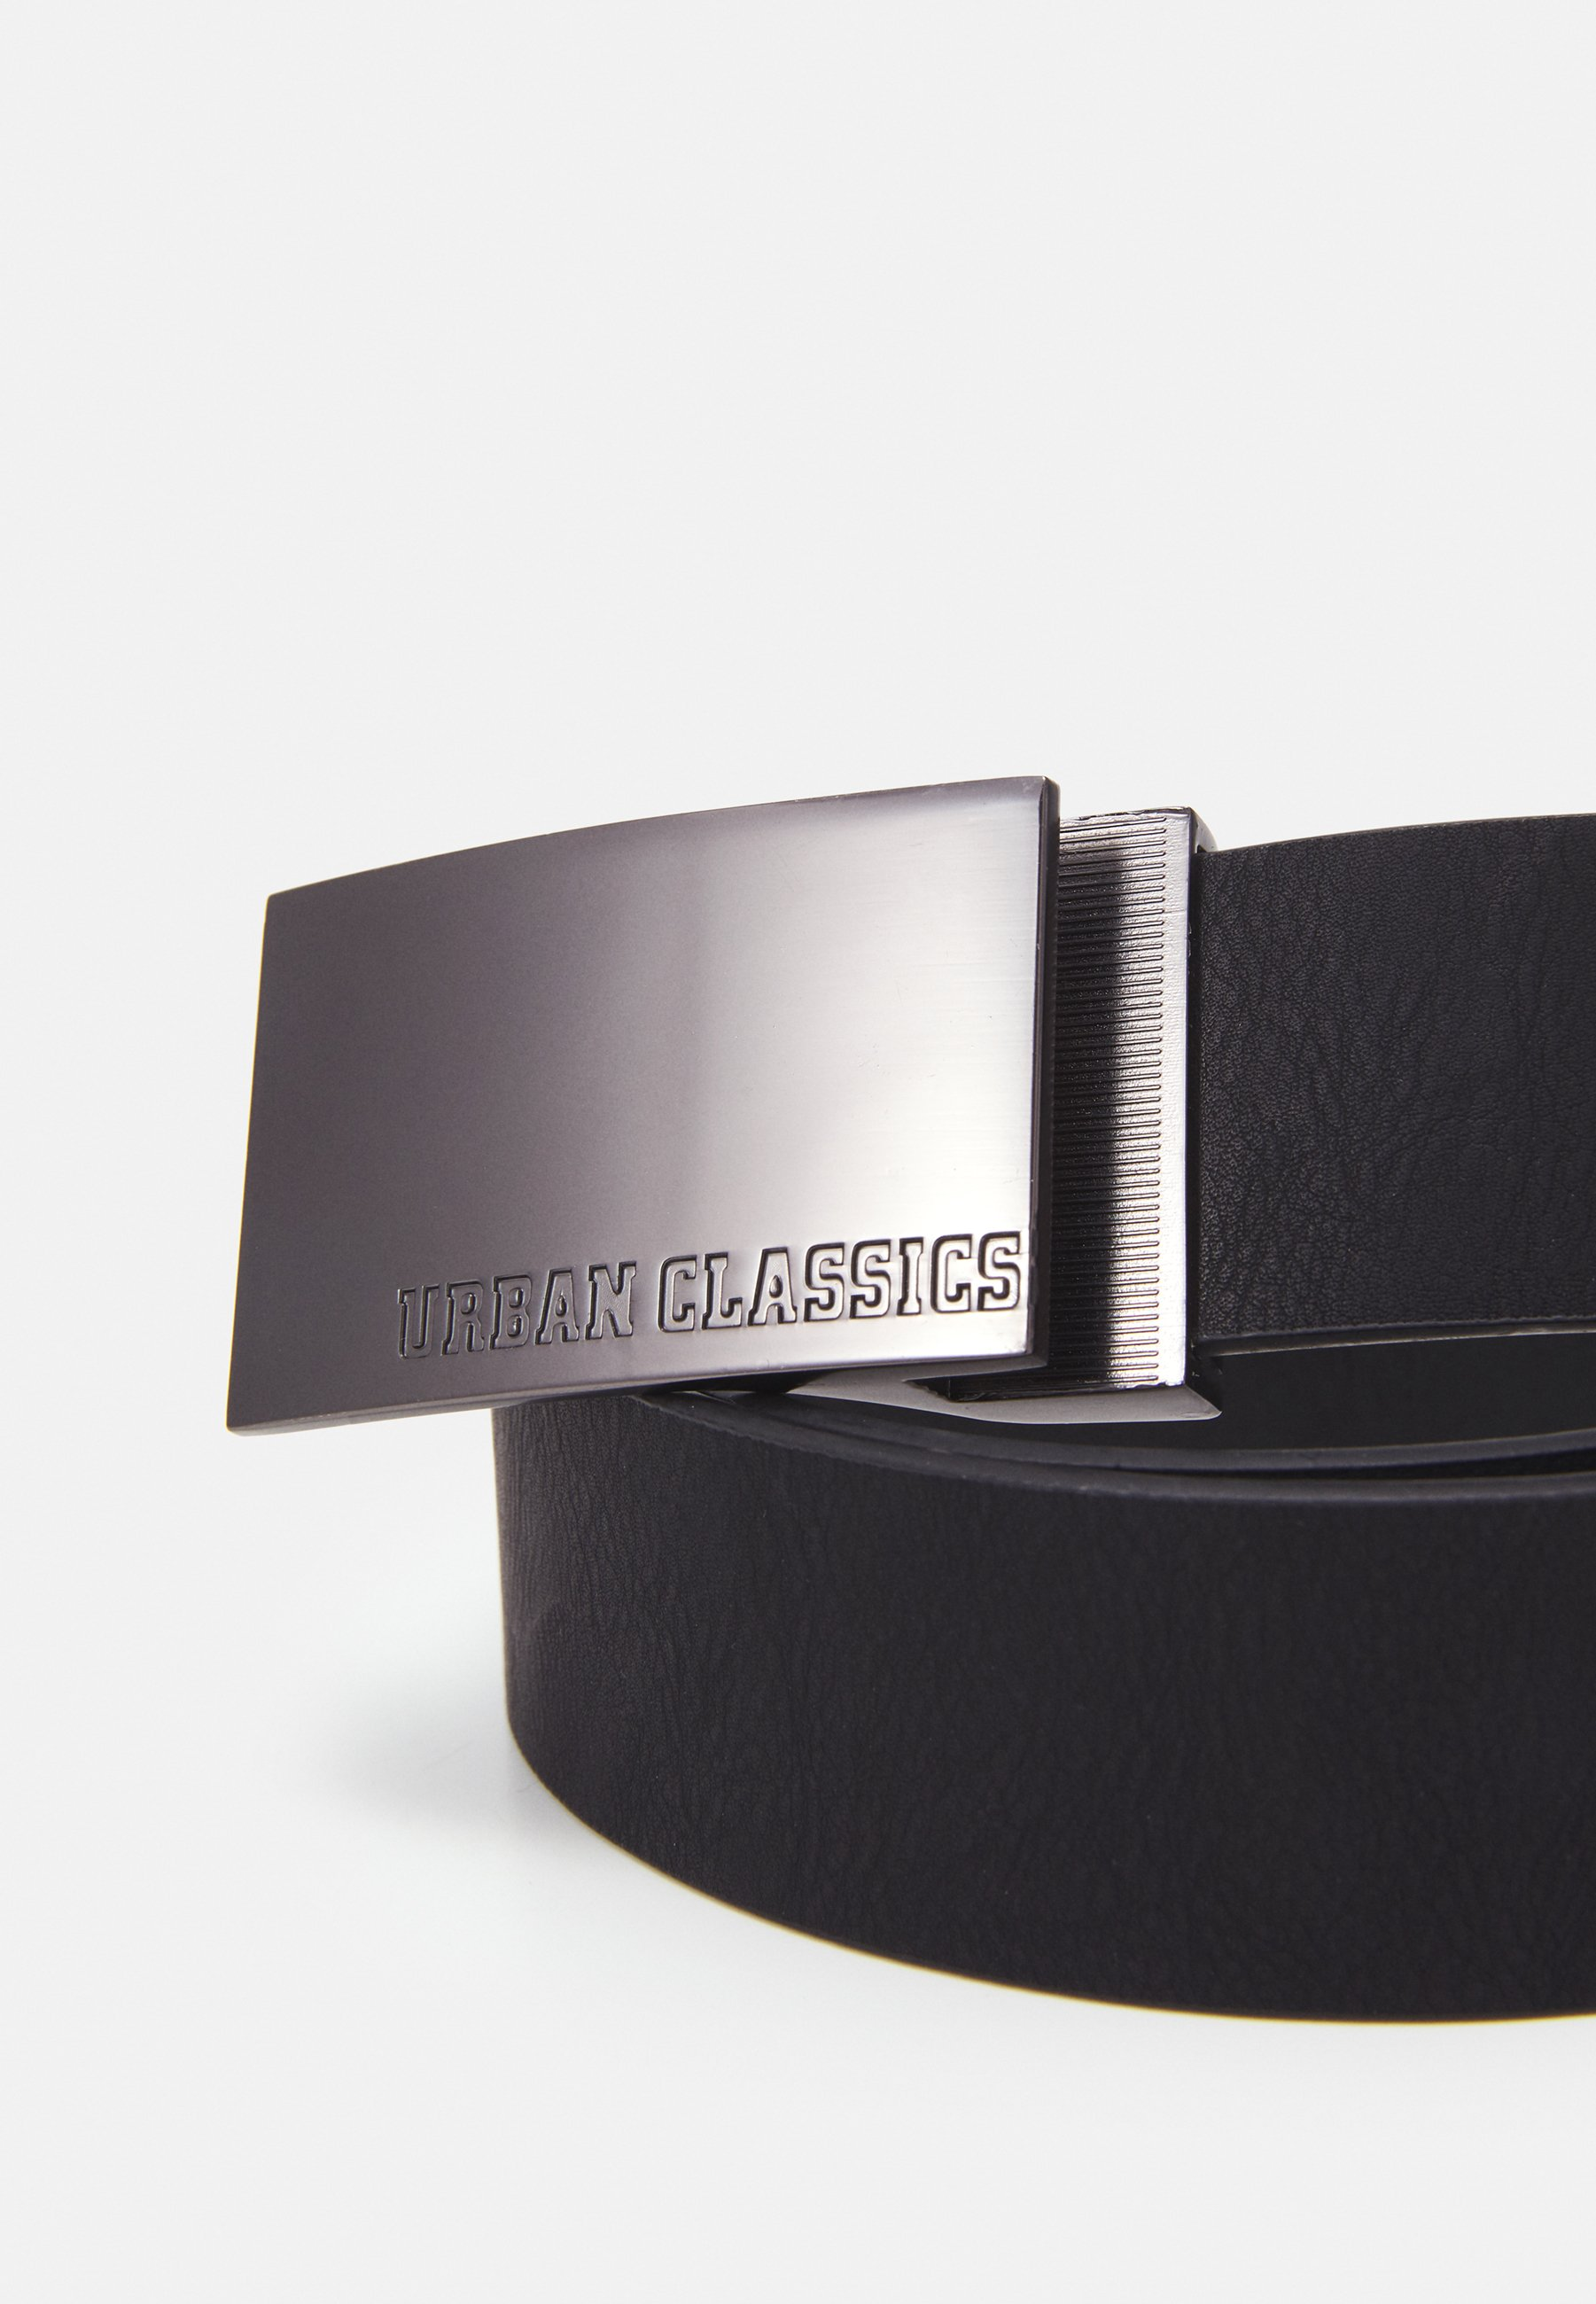 Urban Classics IMITATION BUSINESS BELT - Belte - black/svart ffa0P999ws5CKn8